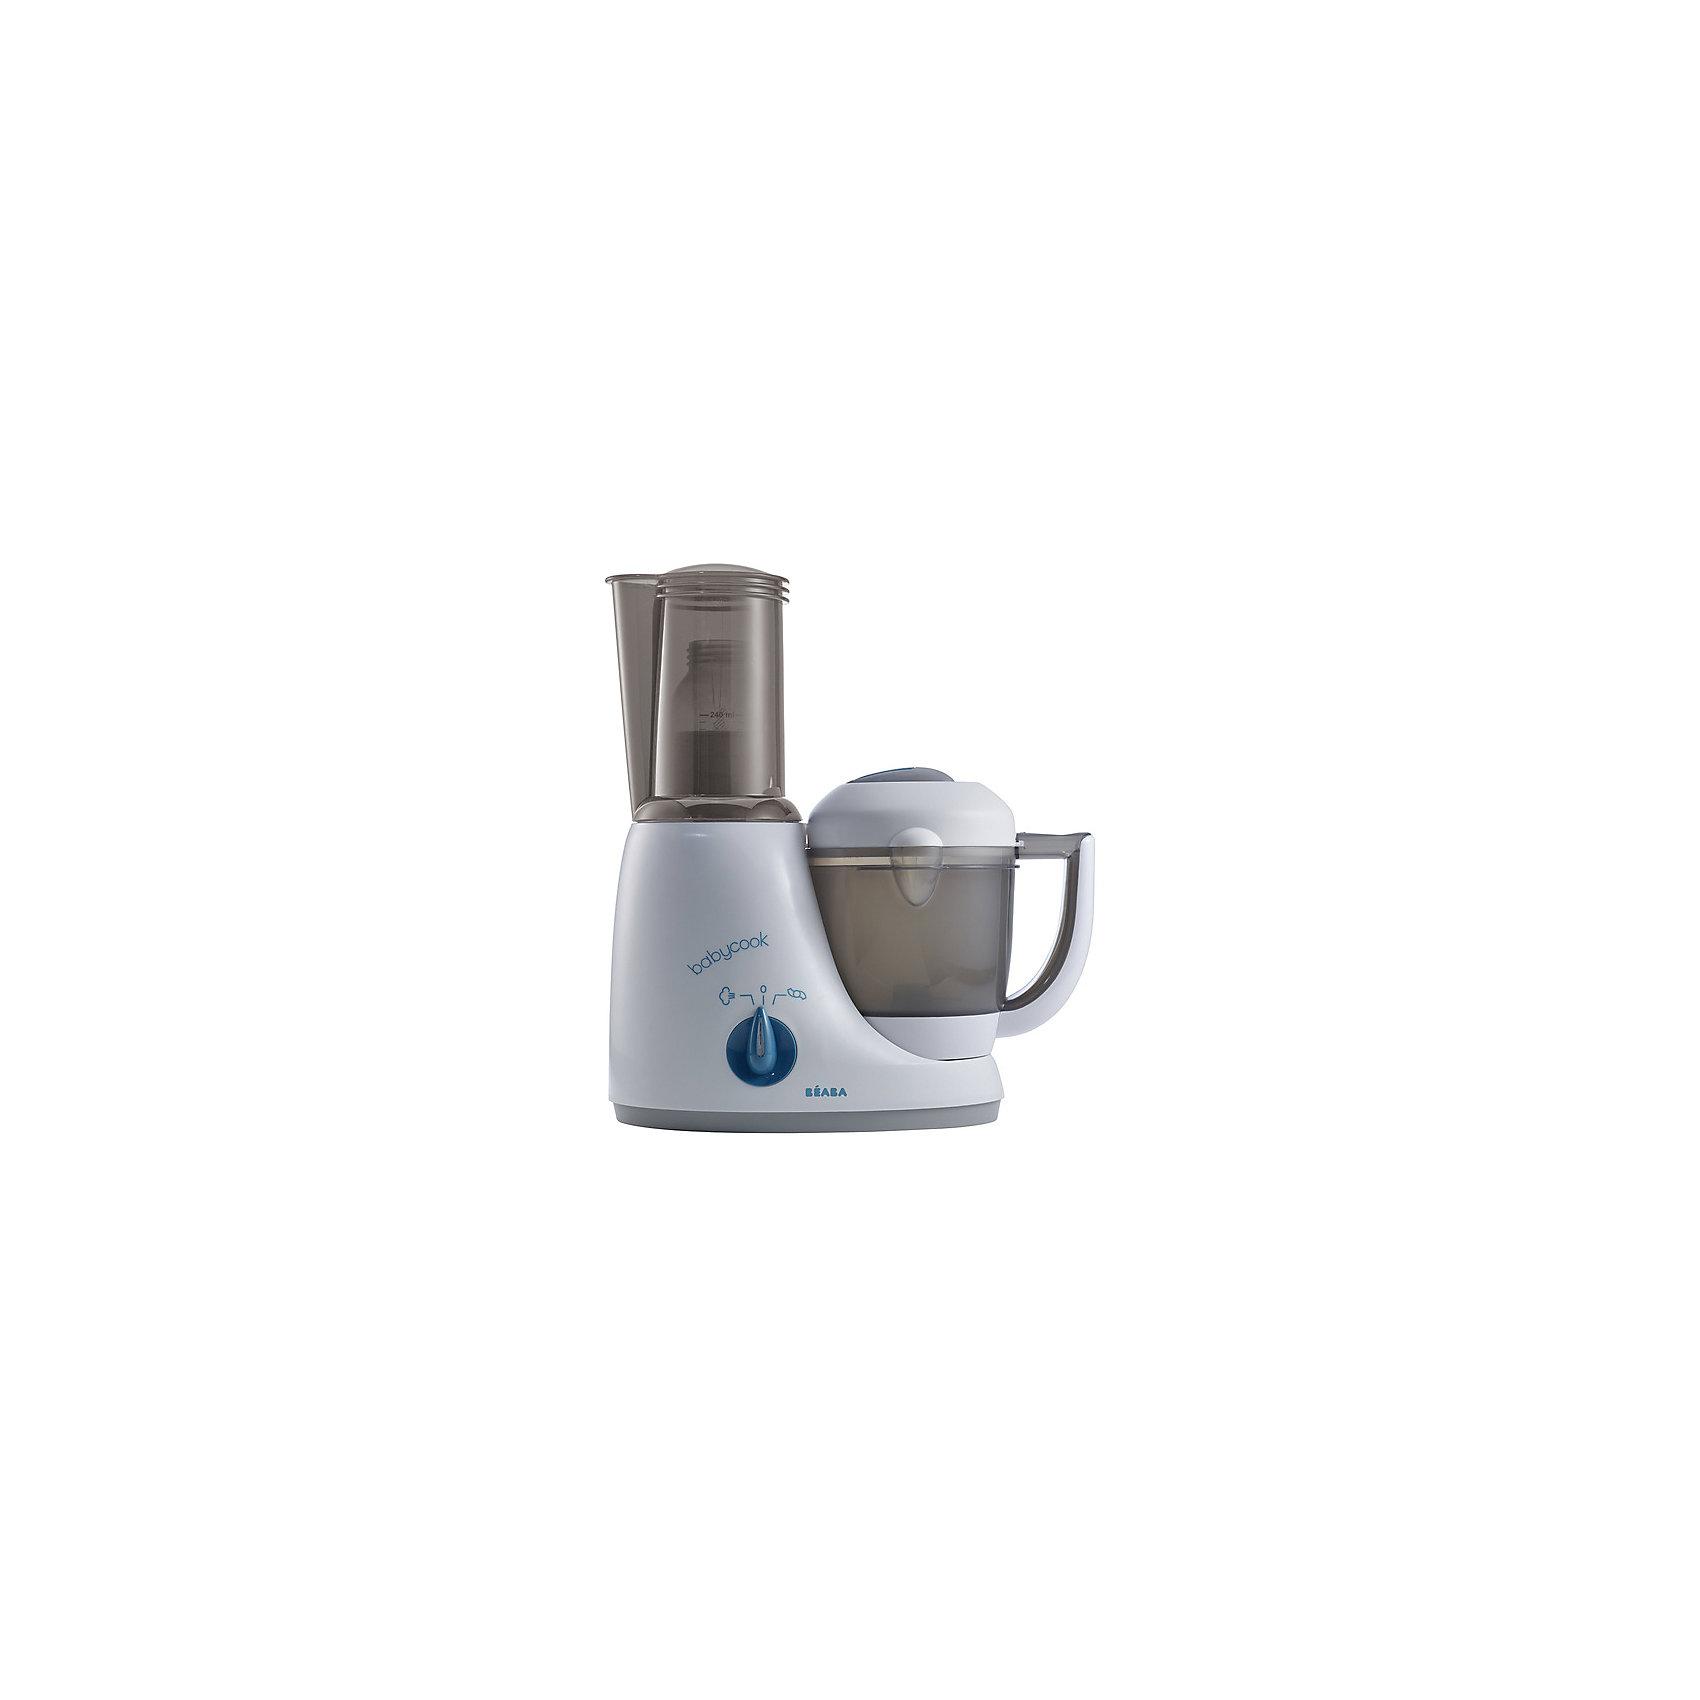 Блендер-пароварка Babycook Original Plus с адаптером, серо-голубойДетская бытовая техника<br>Блендер-пароварка Babycook Original Plus с адаптером, серо-голубой, Beaba (Беаба)<br><br>Характеристики: <br><br>• измельчает пищу, готовит на пару, размораживает и подогревает<br>• можно использовать как стерилизатор для бутылочек<br>• после варки можно отделить бульон для приготовления пюре<br>• готовит за 15 минут, сохраняя все витамины<br>• автоматическое отключение<br>• встроенный дозатор воды<br>• в комплекте: блендер-пароварка, крышка для перемешивания, лопатка, книга рецептов<br>• материал: пластик<br>• объем: 600 мл<br>• вес: 2400 грамм<br><br>Блендер-пароварка Babycook Original Plus - универсальный помощник для любой хозяйки. Он готовит любые продукты на пару за 10-20 минут, измельчает пищу, размораживает и подогревает продукты. Съемная приставка позволяет использовать его в качестве стерилизатора для детских бутылочек. При приготовлении пищи на пару все витамины и полезные элементы сохраняются в еде. Встроенный дозатор поможет вам отмерить необходимое количество воды для приготовления. Техника оснащена функцией автоматического отключения, чтобы вы имогли играть с ребенком, не отвлекаясь на процесс приготовления.<br><br>Блендер-пароварку Babycook Original Plus с адаптером, серо-голубой, Beaba (Беаба) можно купить в нашем интернет-магазине.<br><br>Ширина мм: 270<br>Глубина мм: 136<br>Высота мм: 325<br>Вес г: 2180<br>Возраст от месяцев: 4<br>Возраст до месяцев: 2147483647<br>Пол: Унисекс<br>Возраст: Детский<br>SKU: 5445704